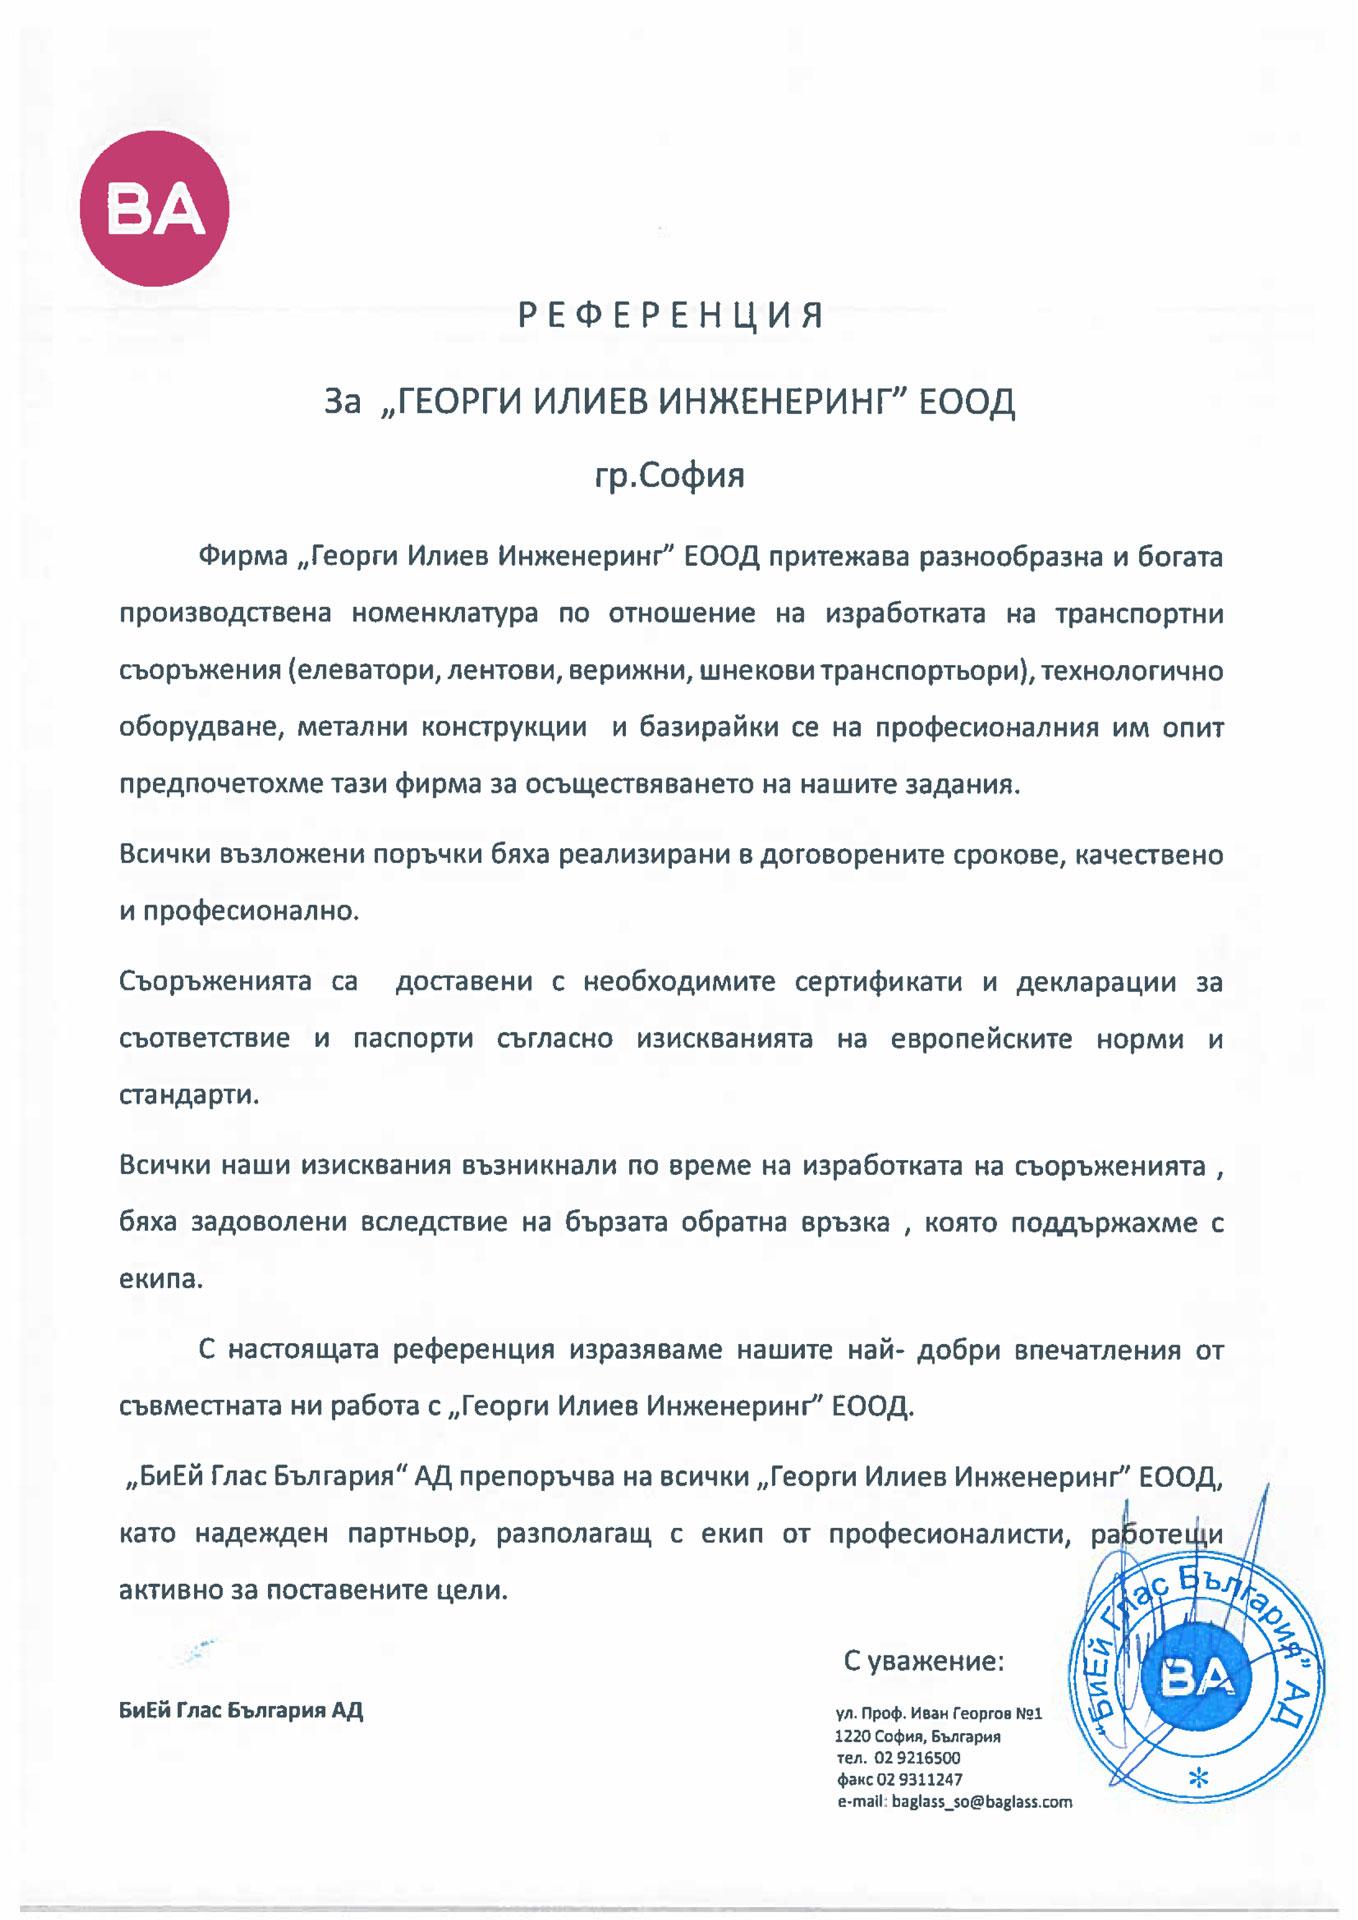 БиЕй Глас България АД